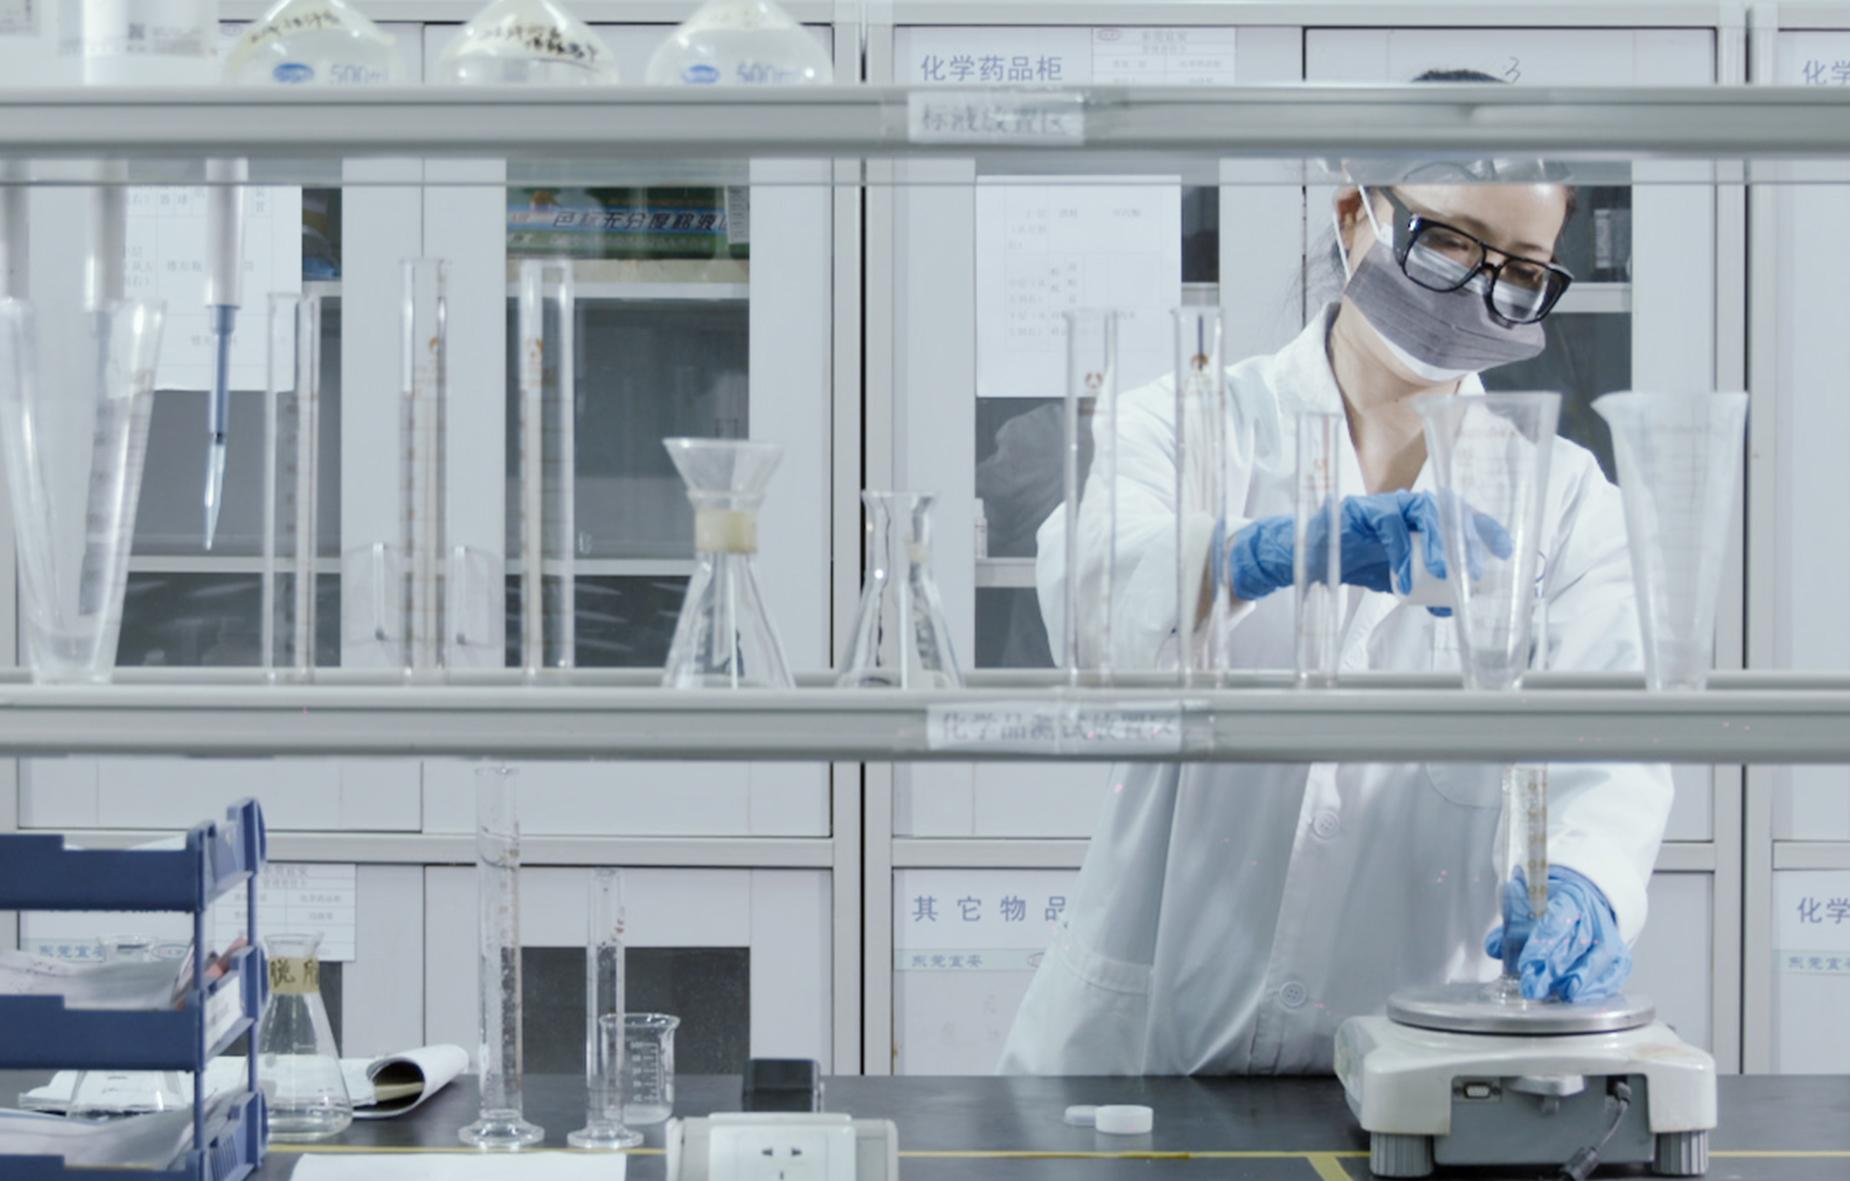 宜安科技-研发生产能力